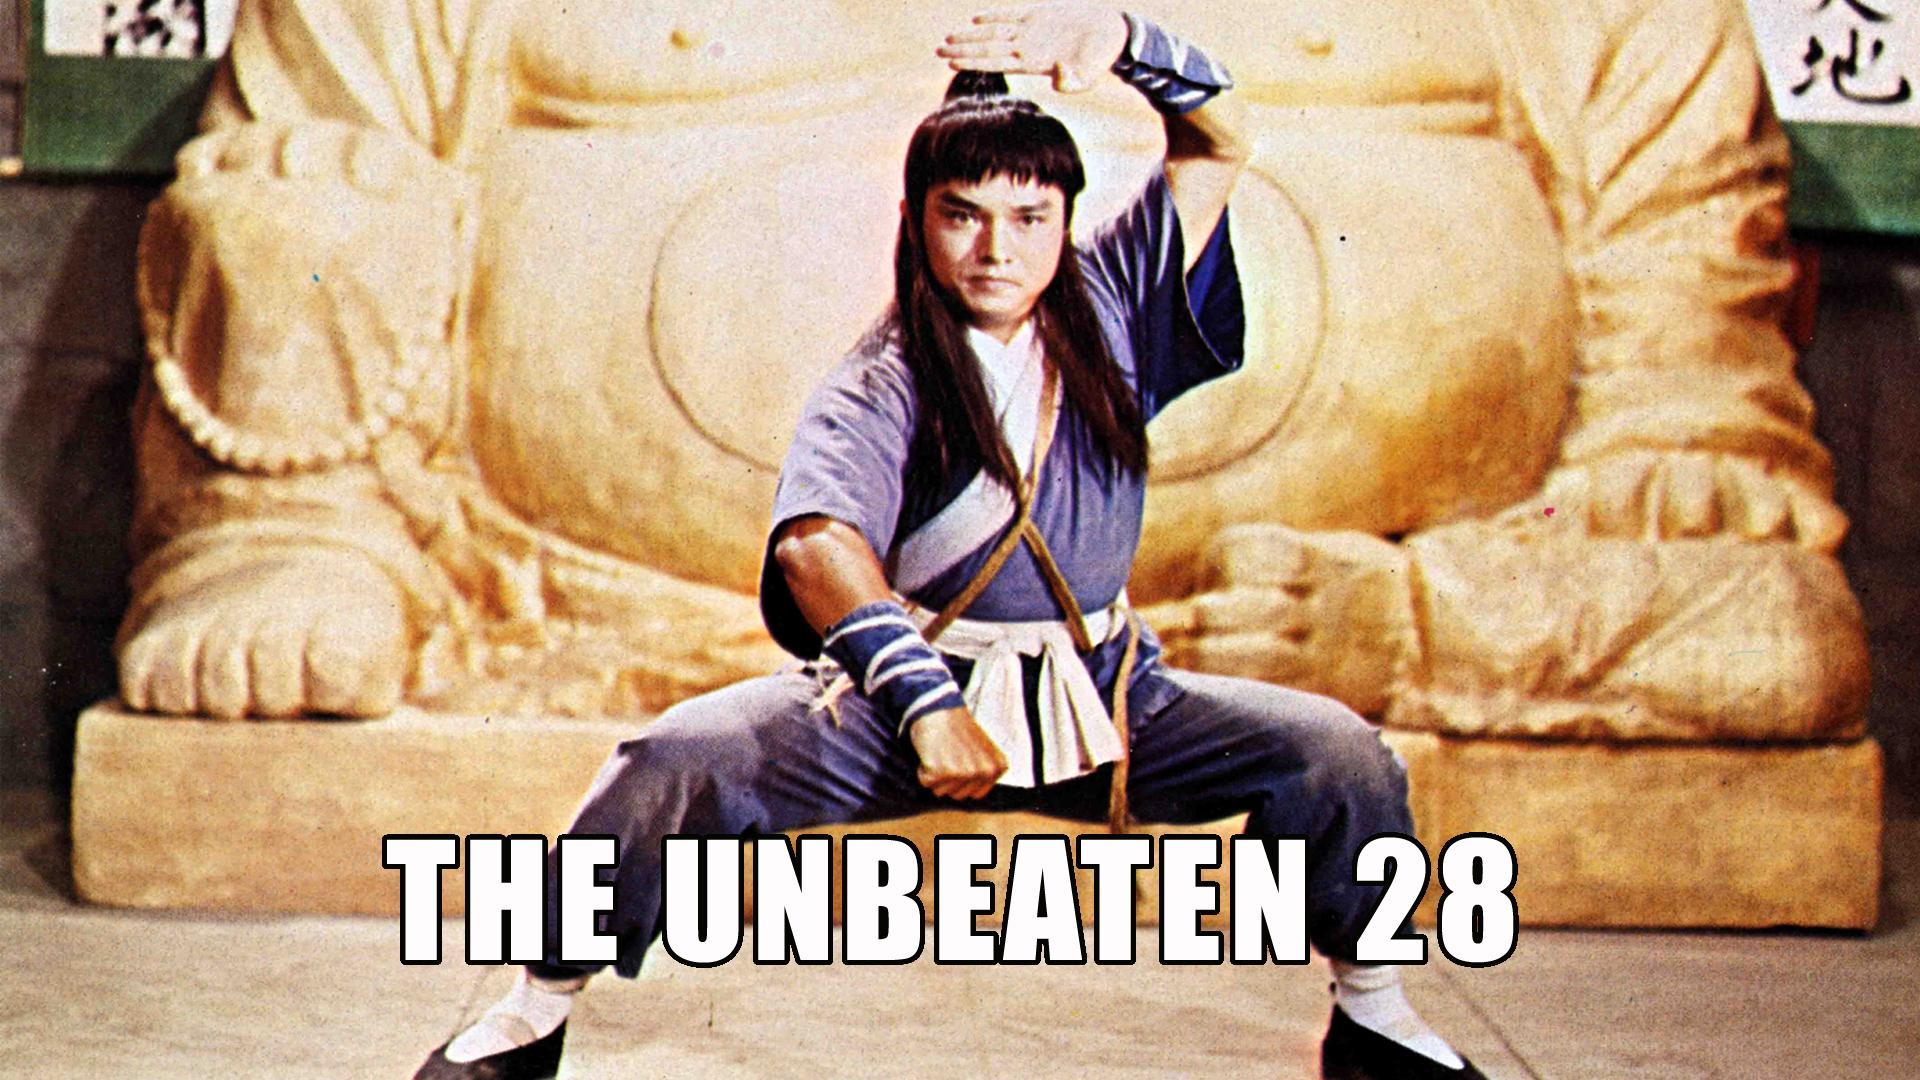 The Unbeaten 28